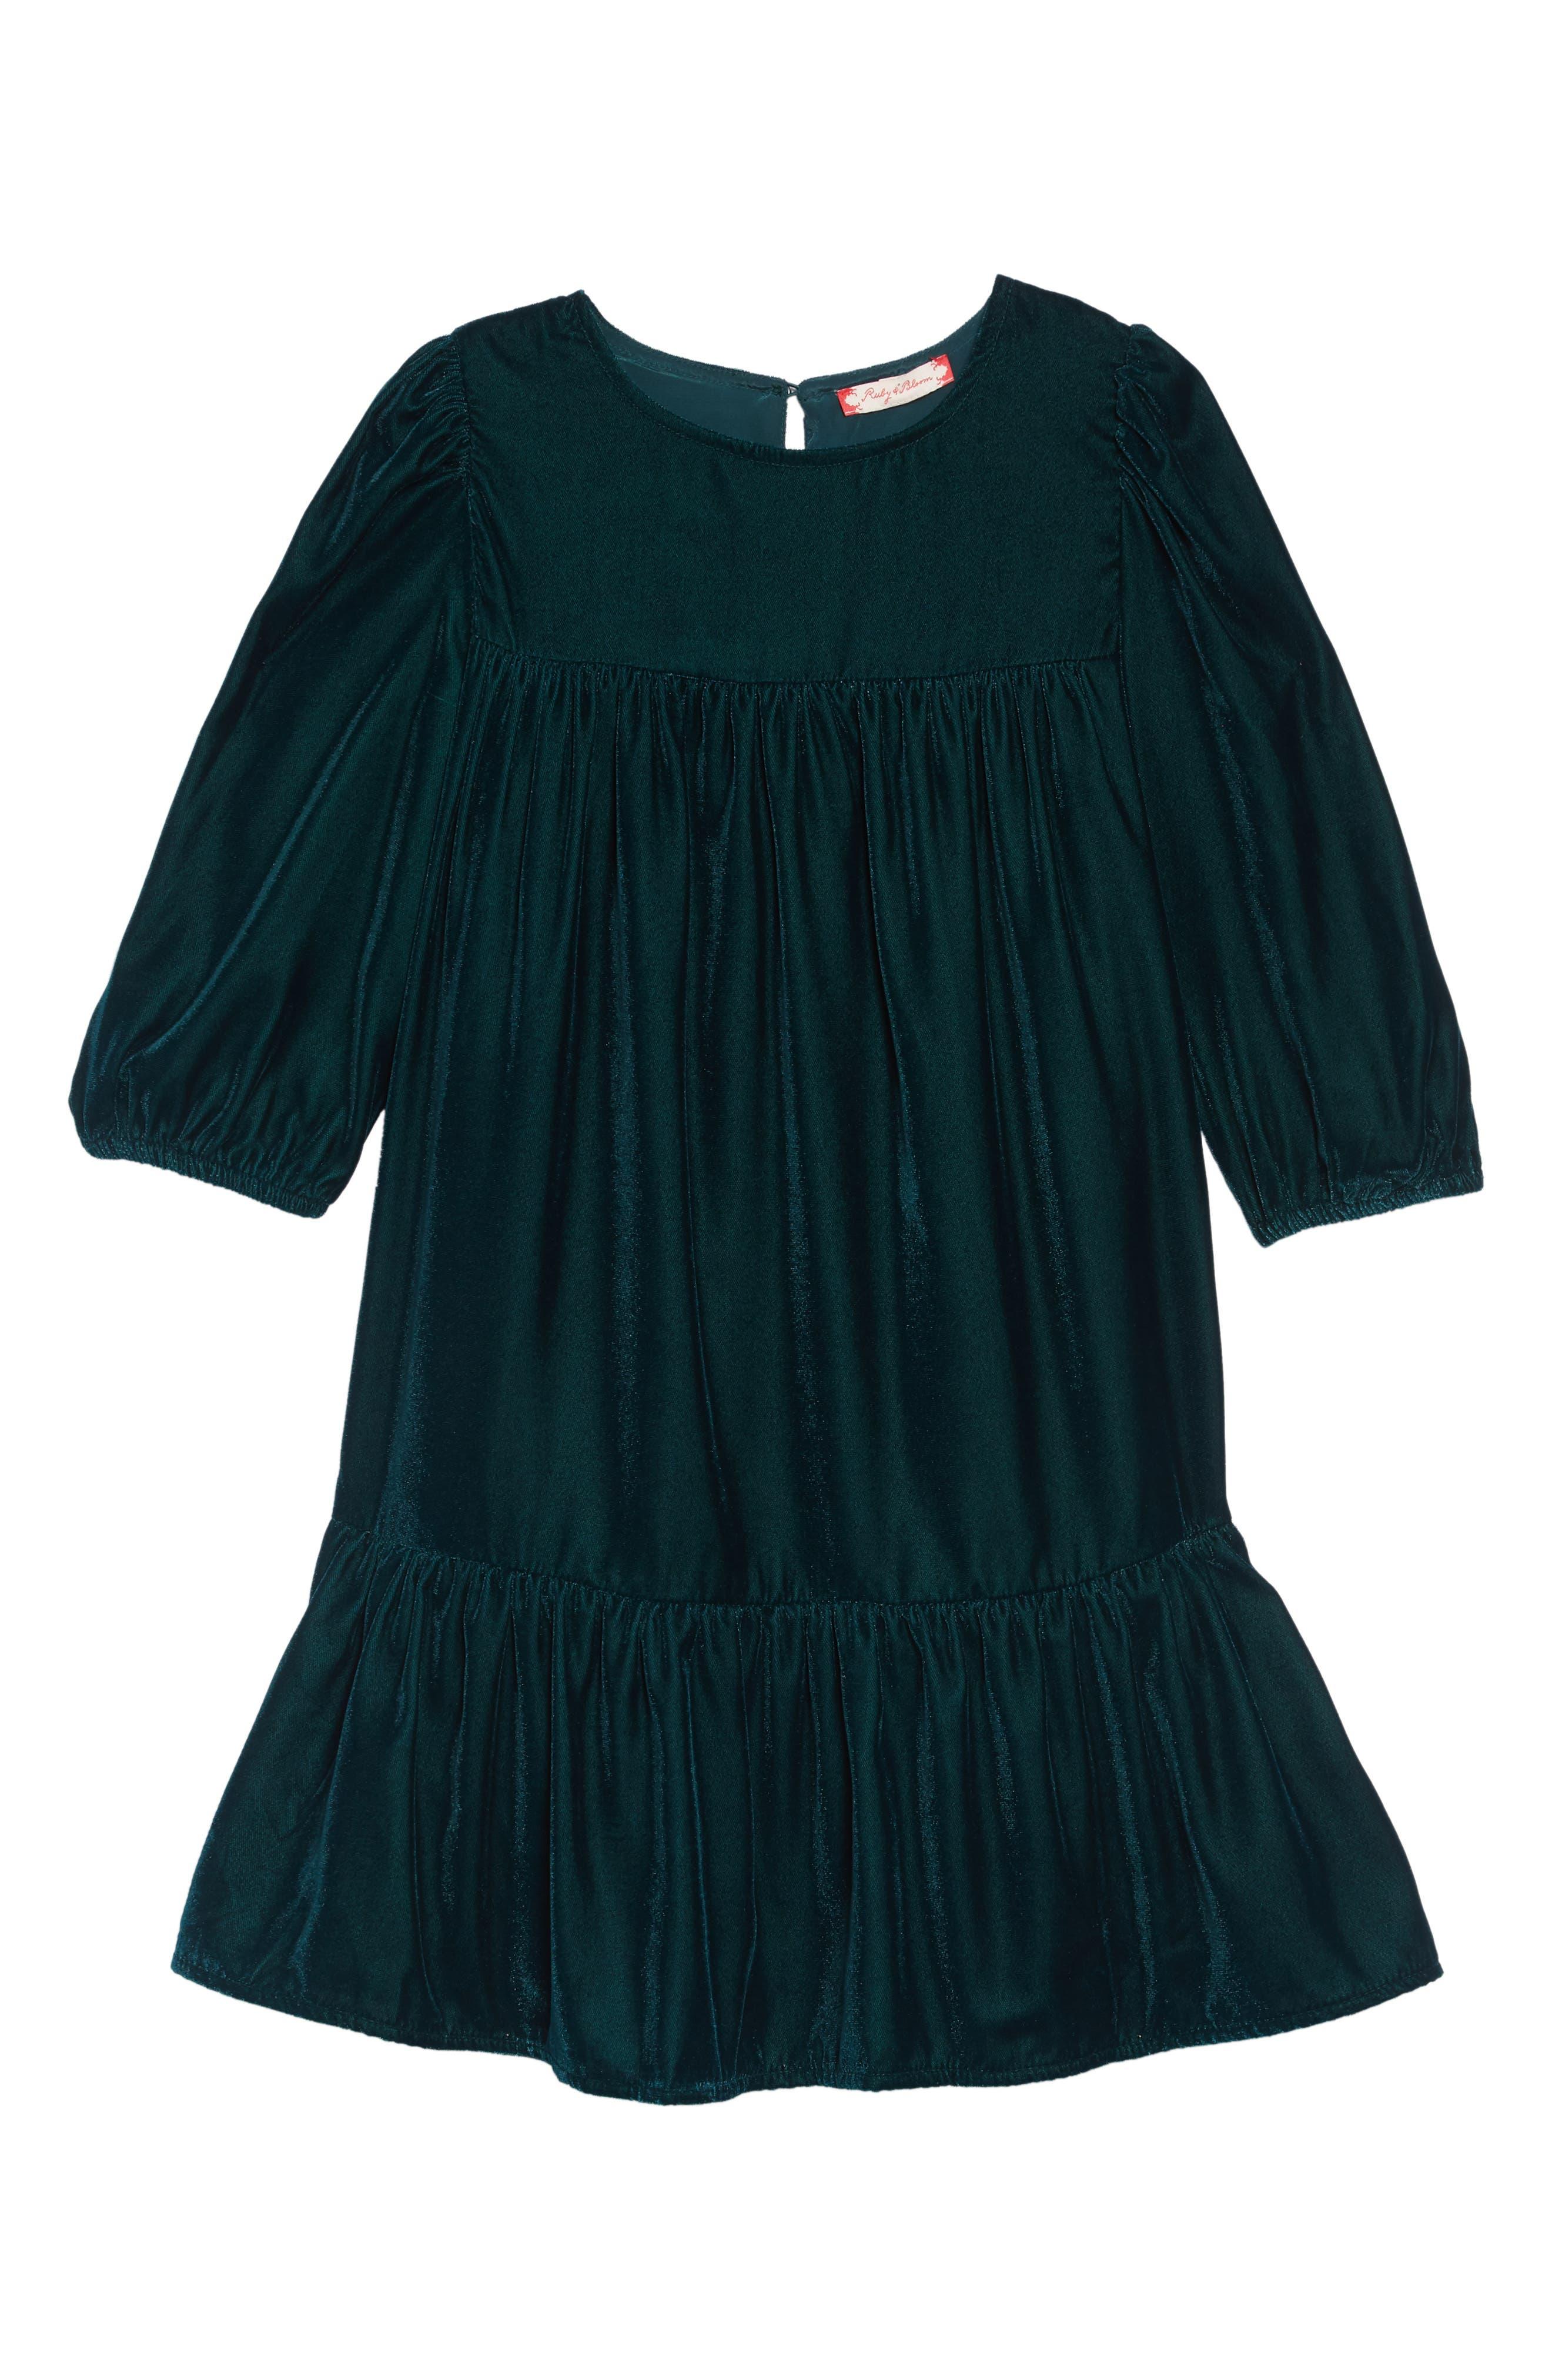 Velvet Party Dress,                         Main,                         color, 301